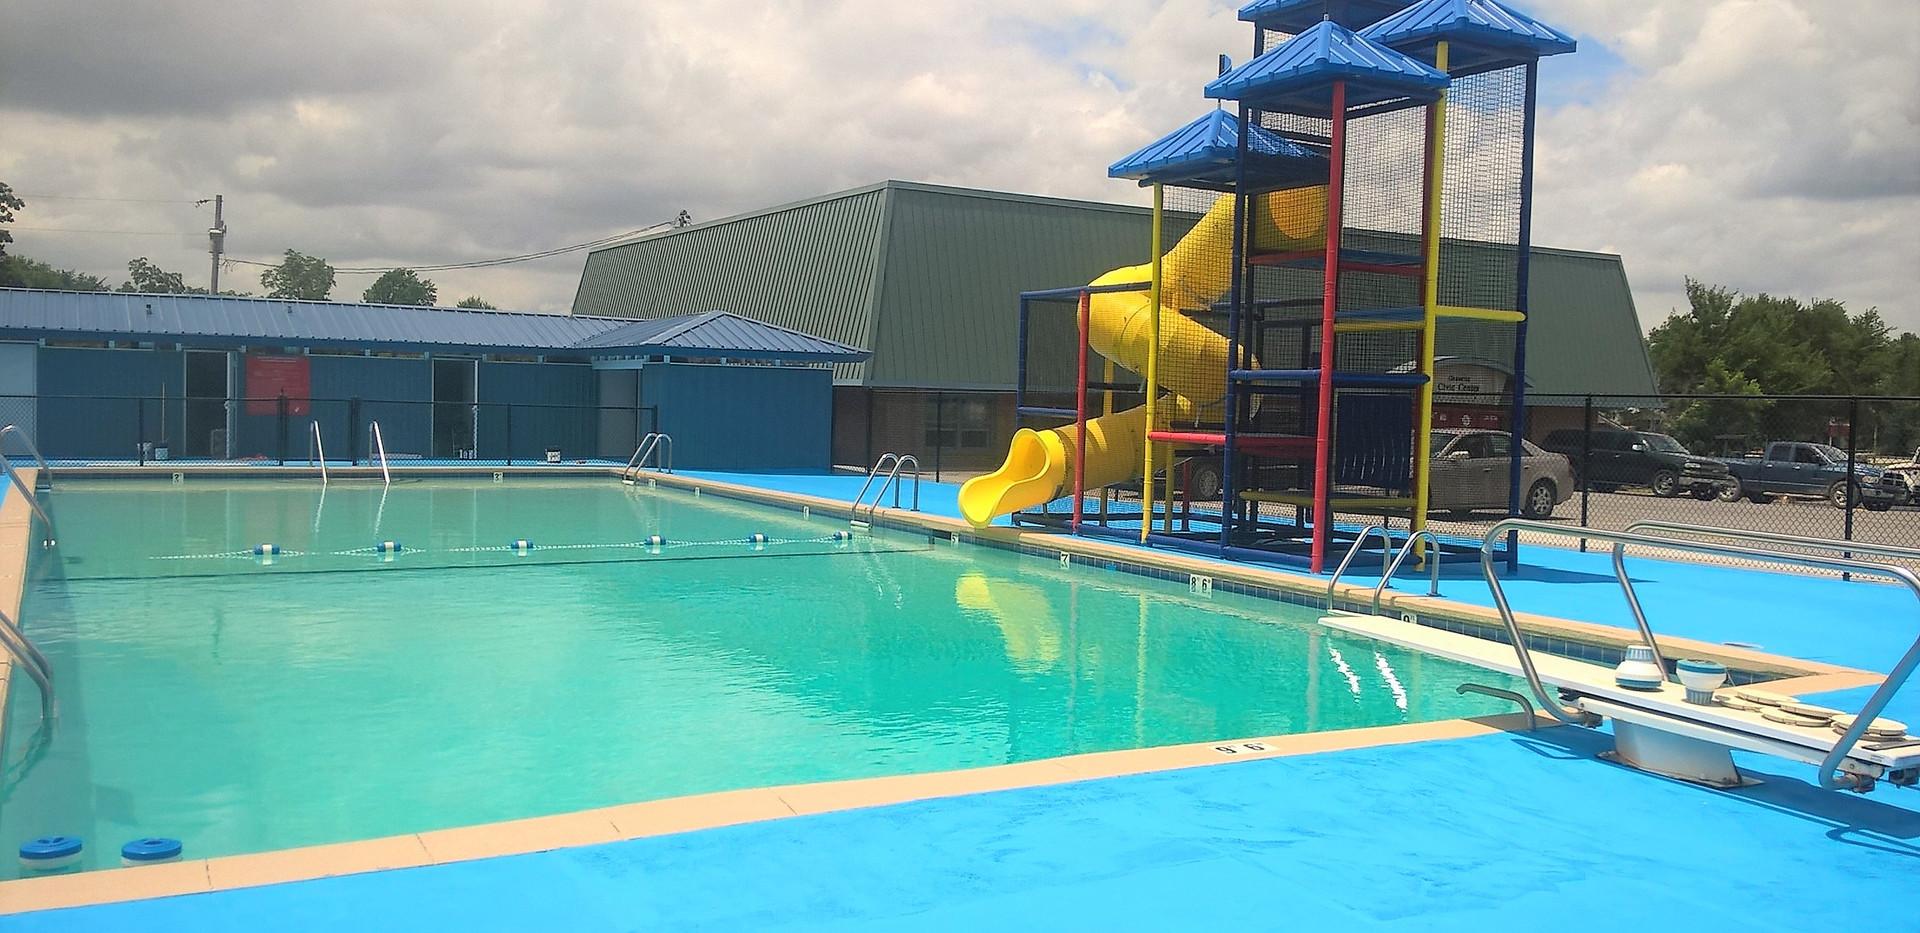 Gravette Pool